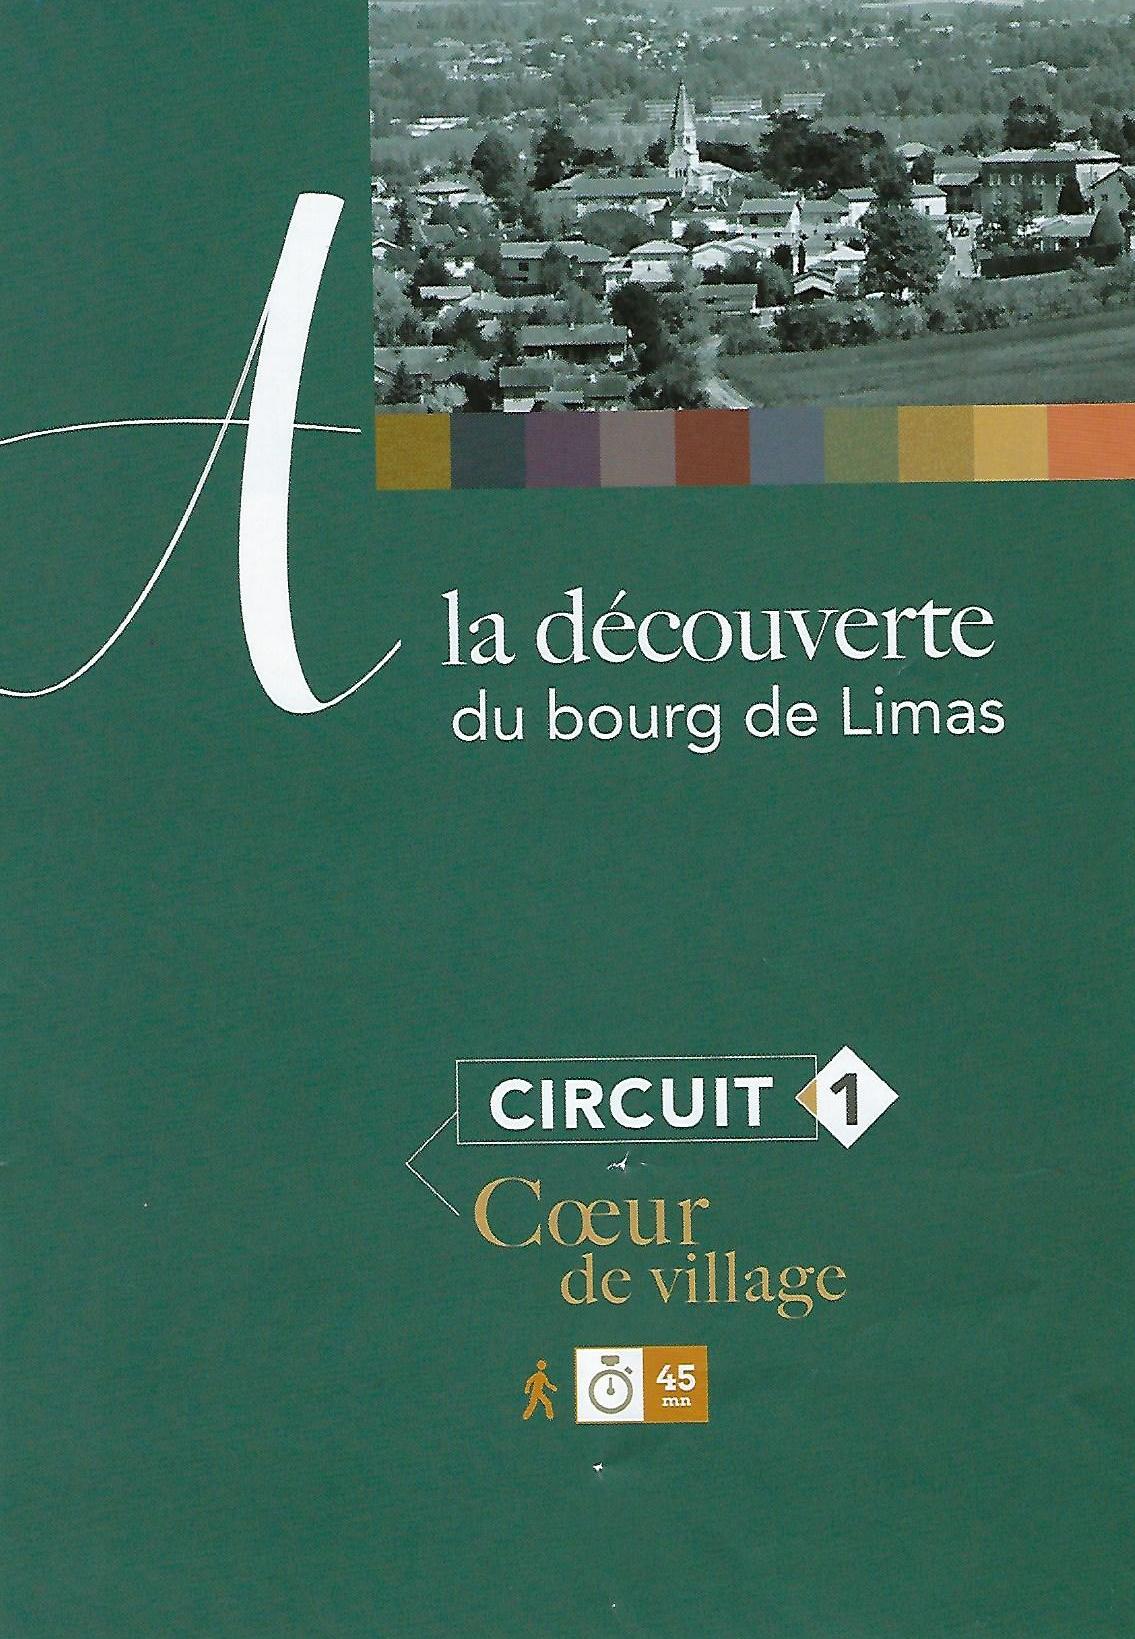 Histoire et Patrimoine - Guide touristique.png